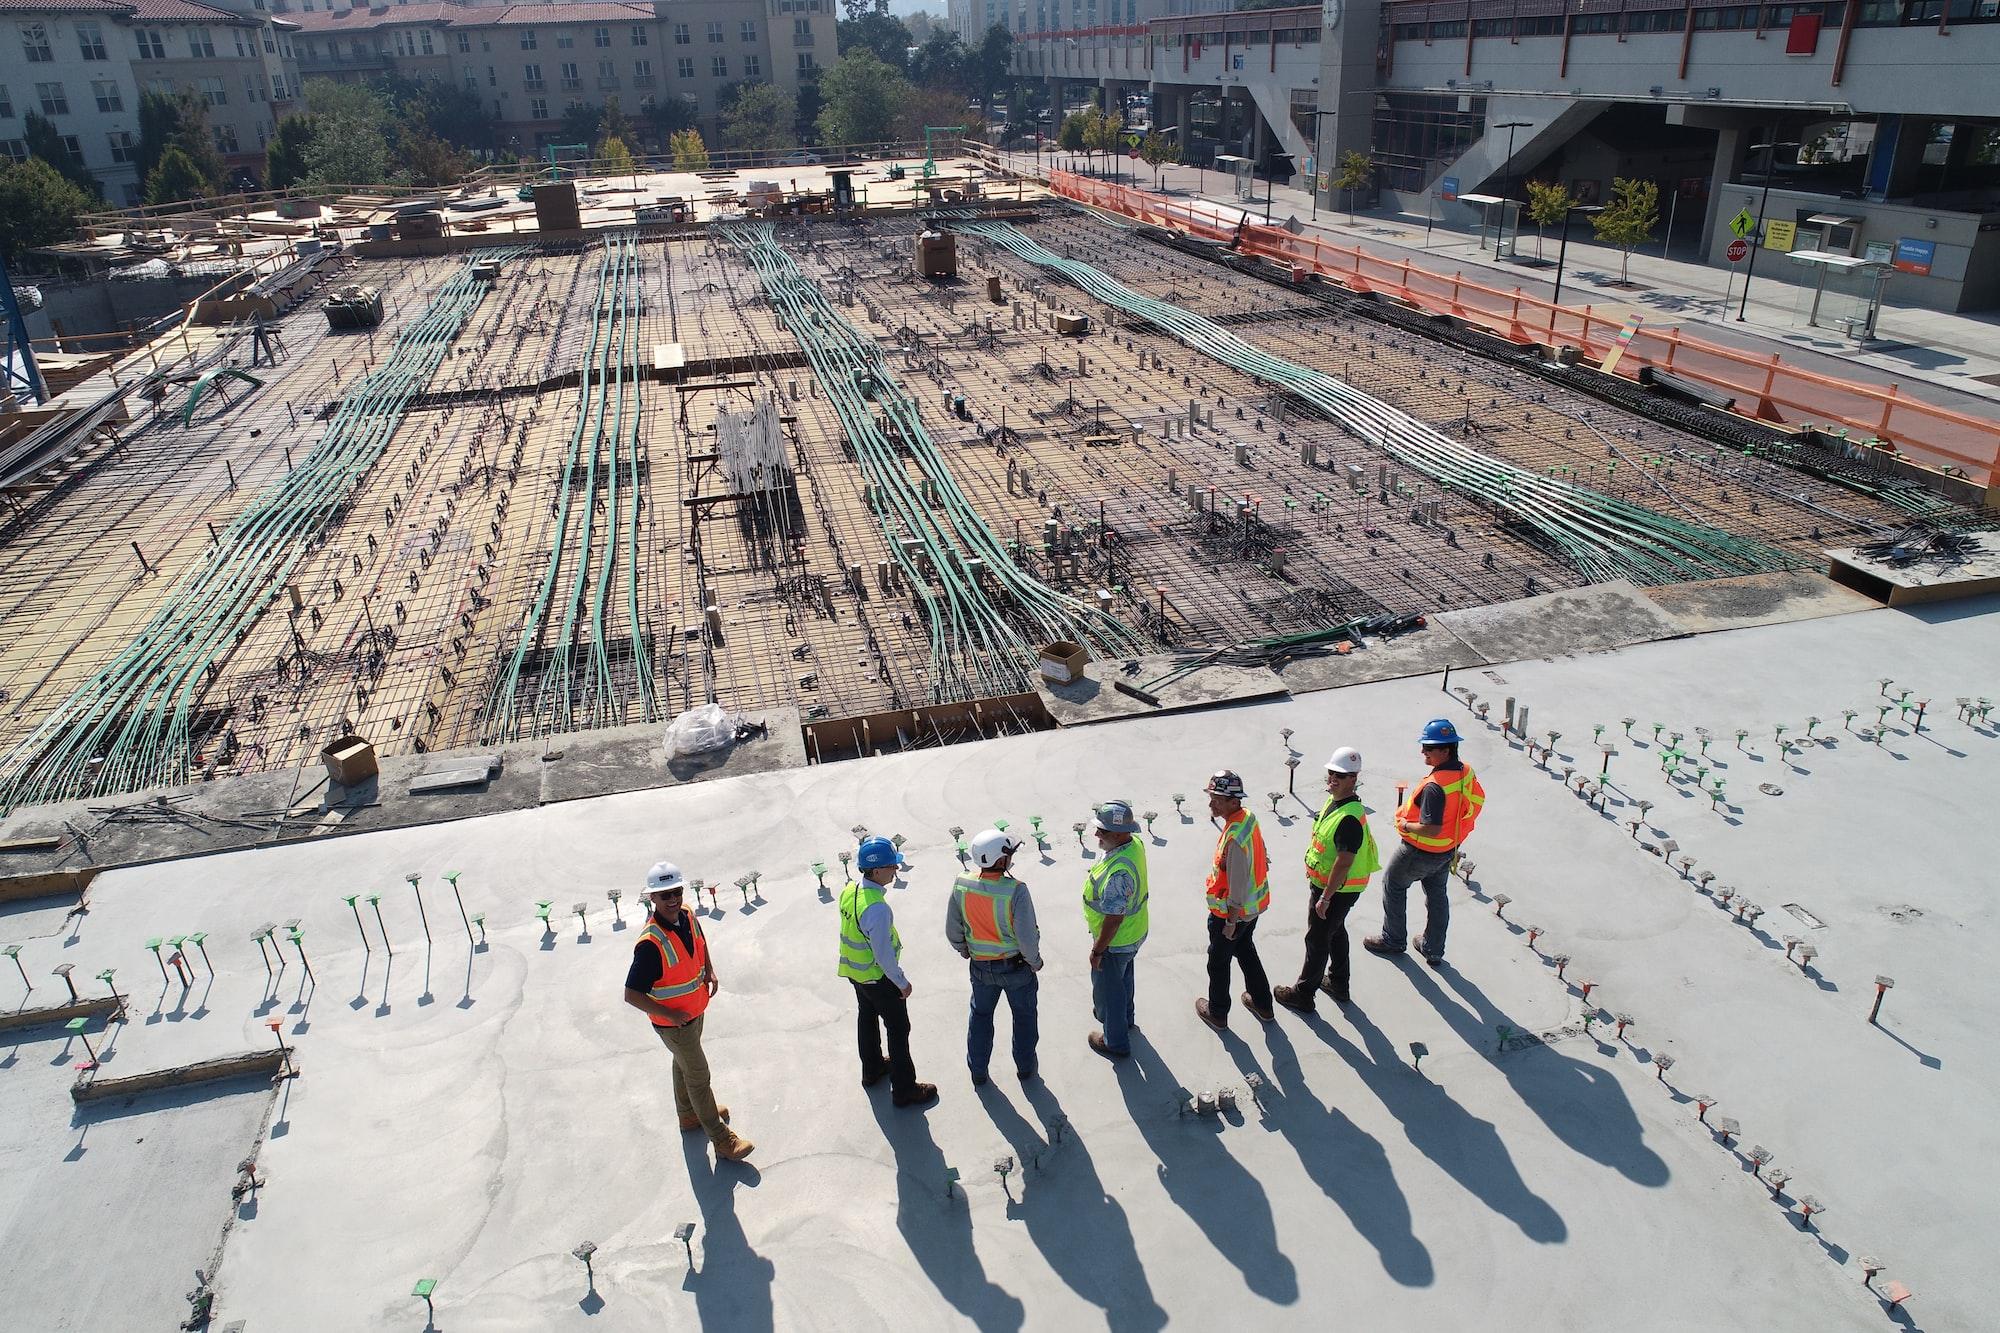 Sete trabalhadores e gestores da indústria da construção civil olhando para uma obra.